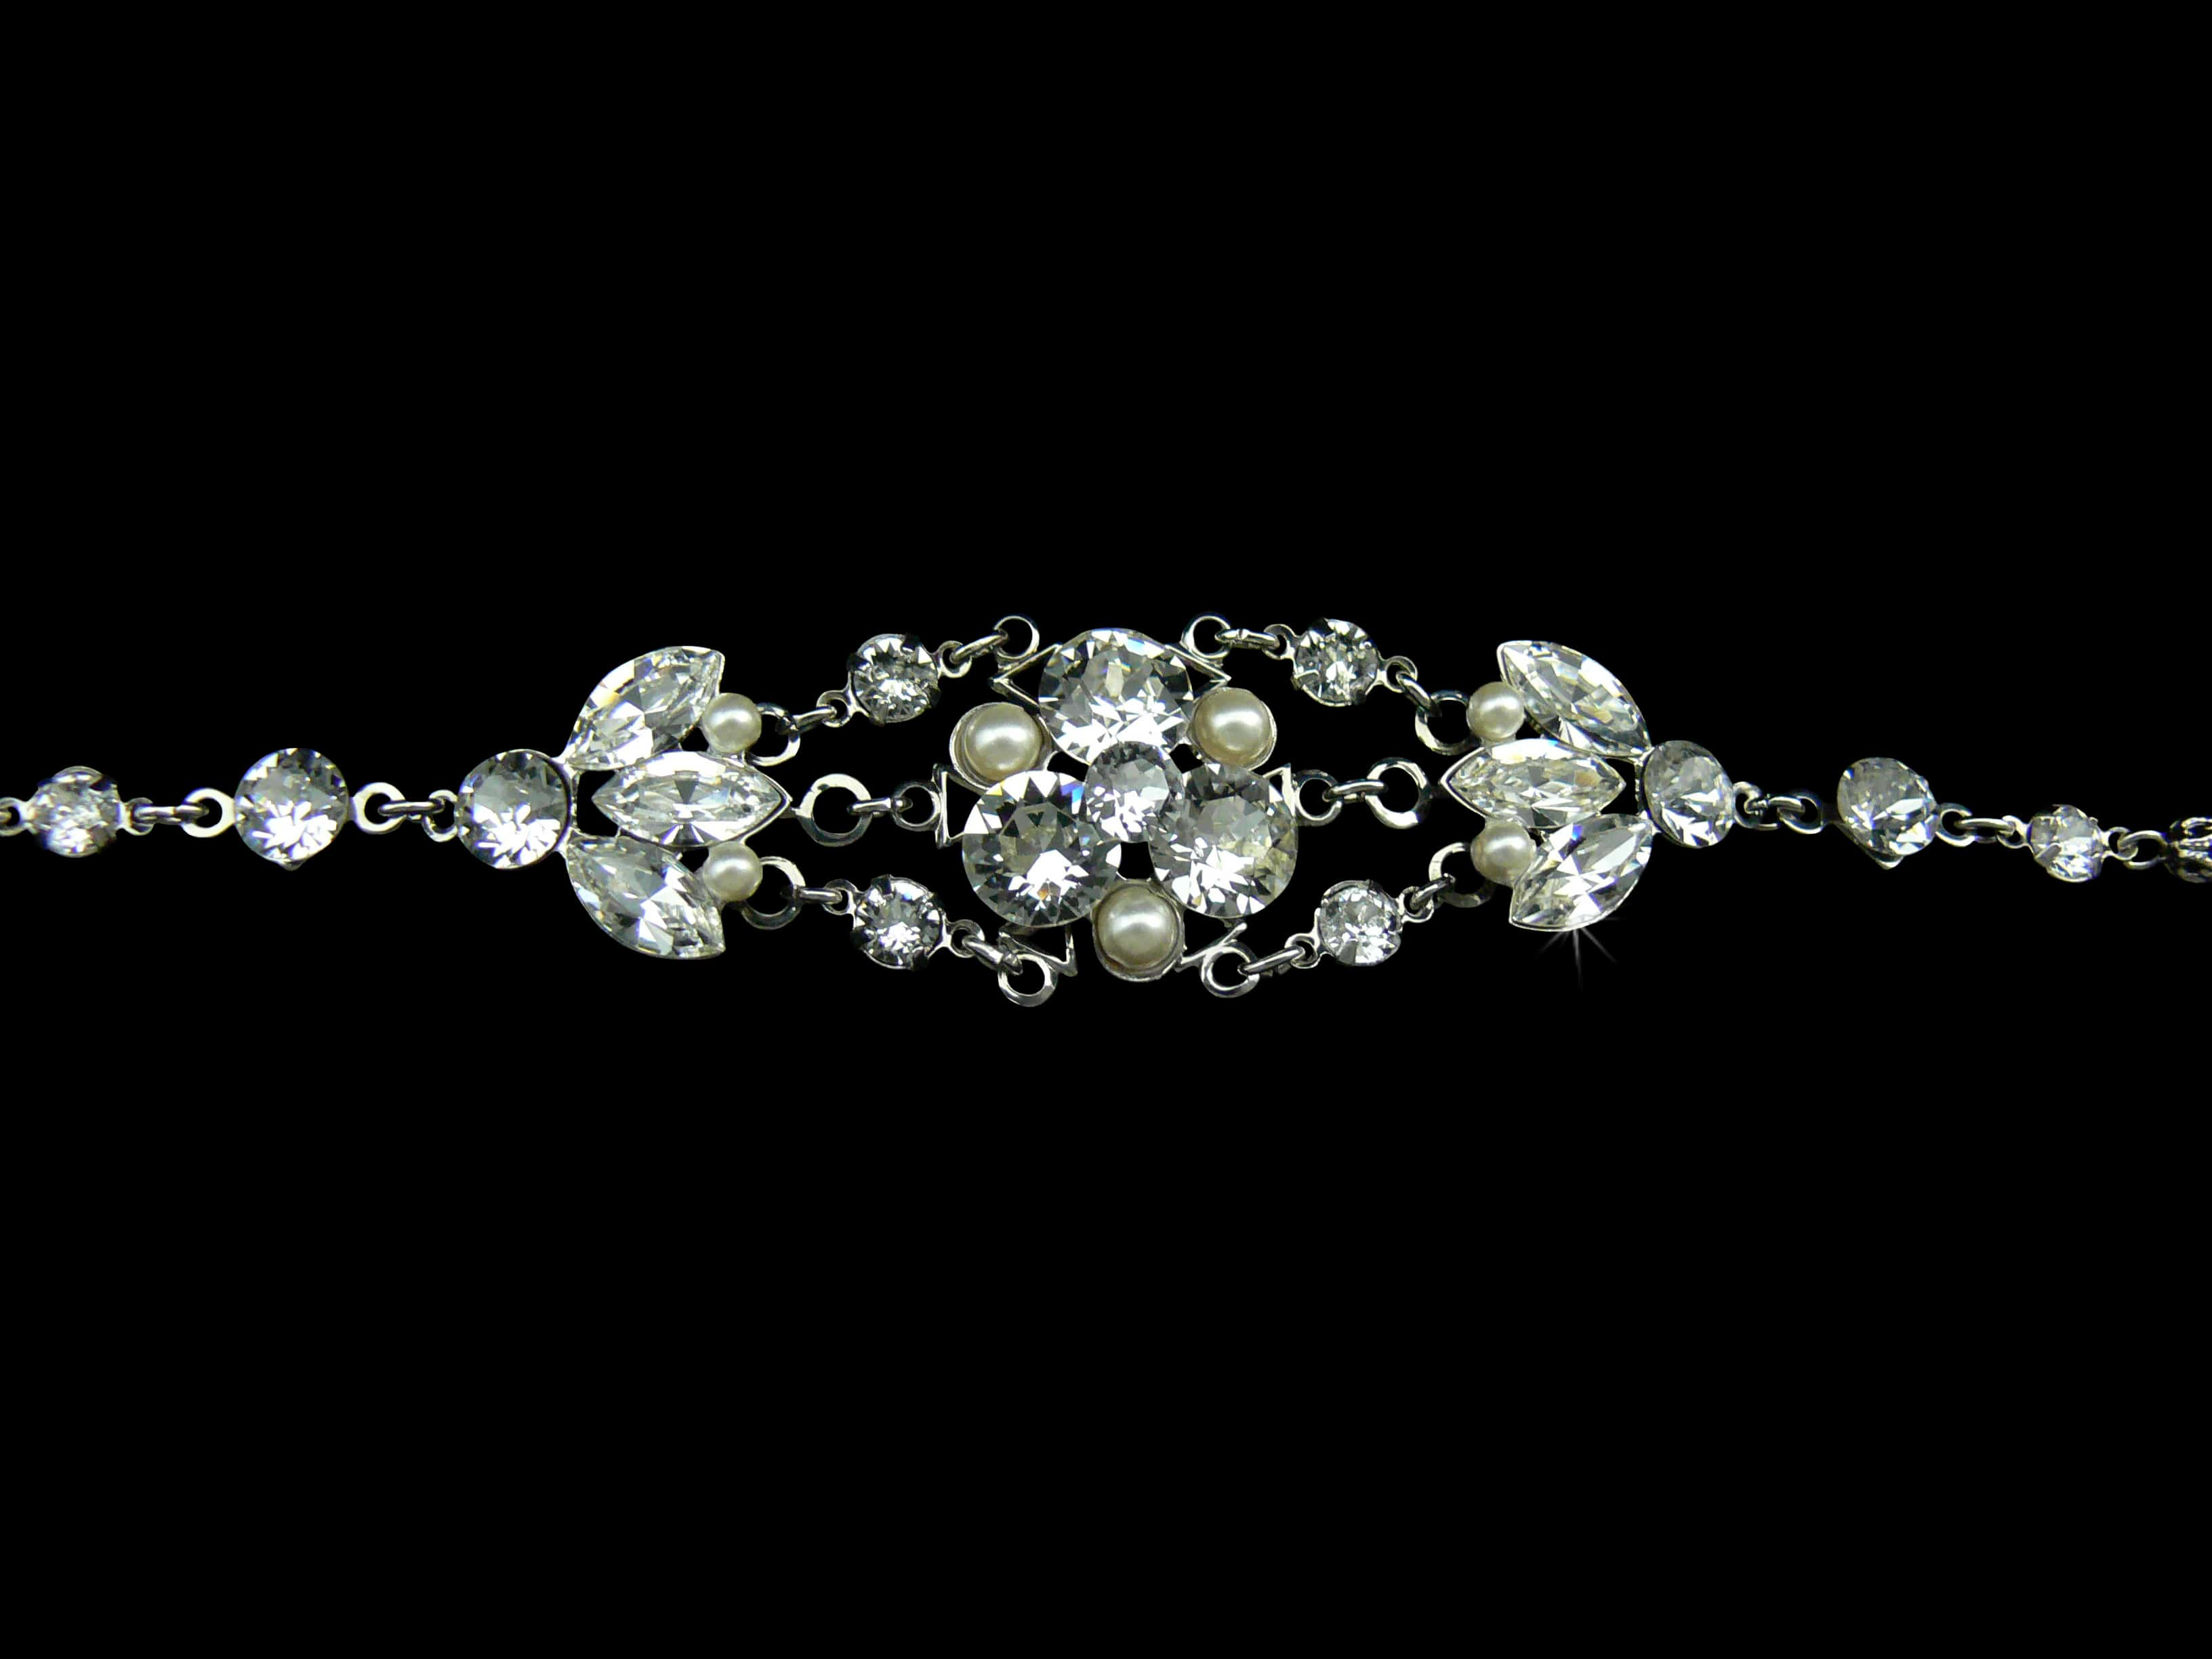 Gemima Bracelet from Vinka Design Bridal Accessories